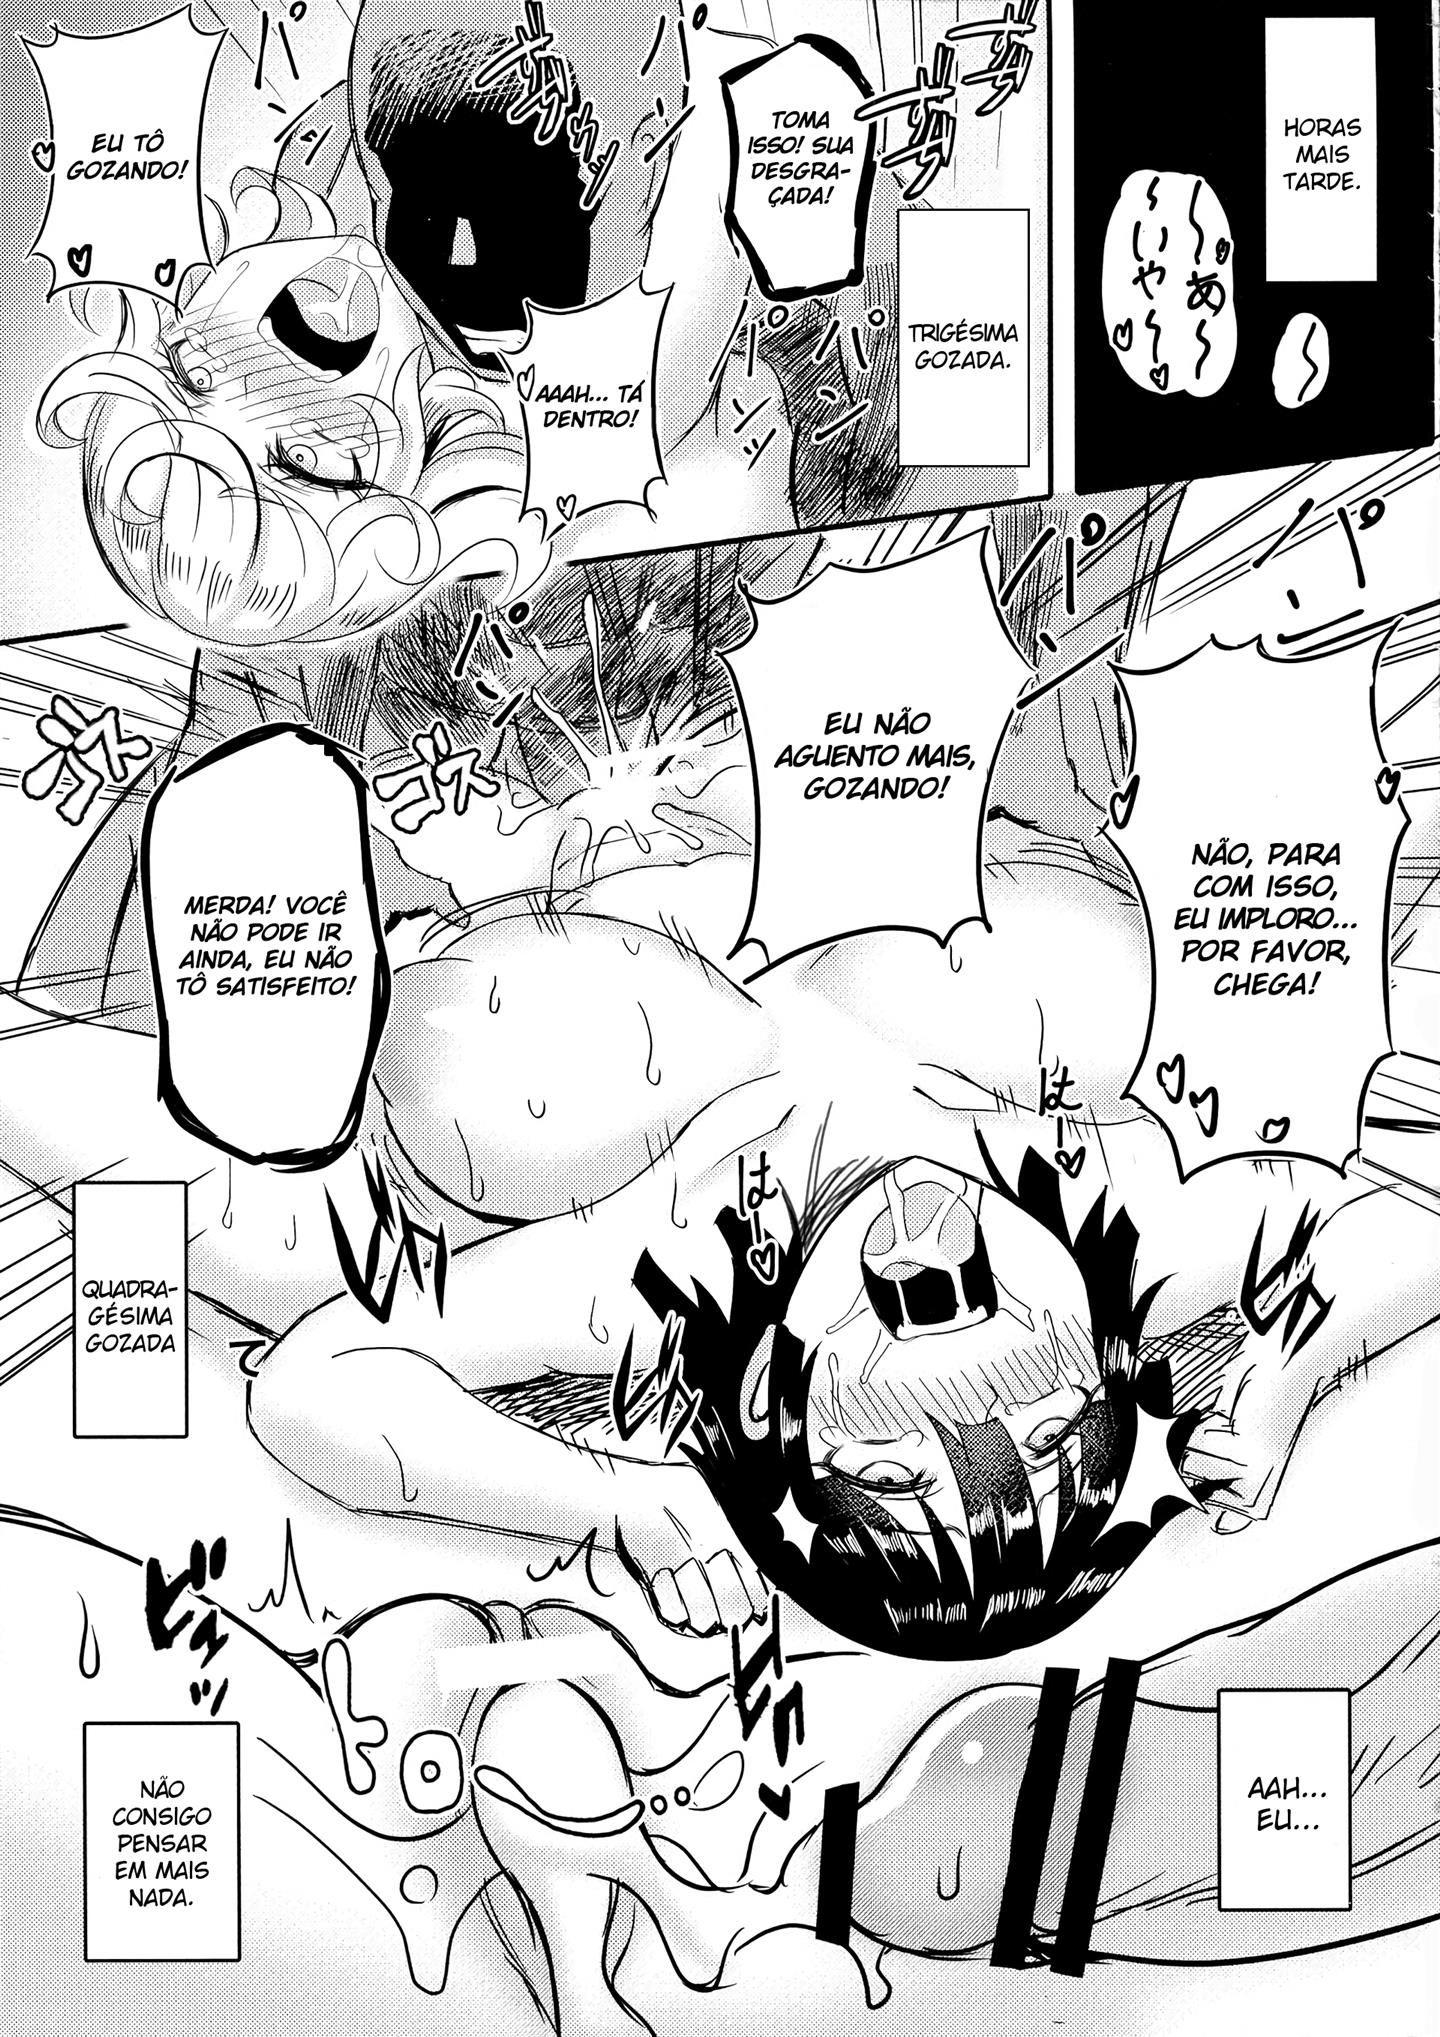 Fantasias eróticas do Saitama - Foto 18